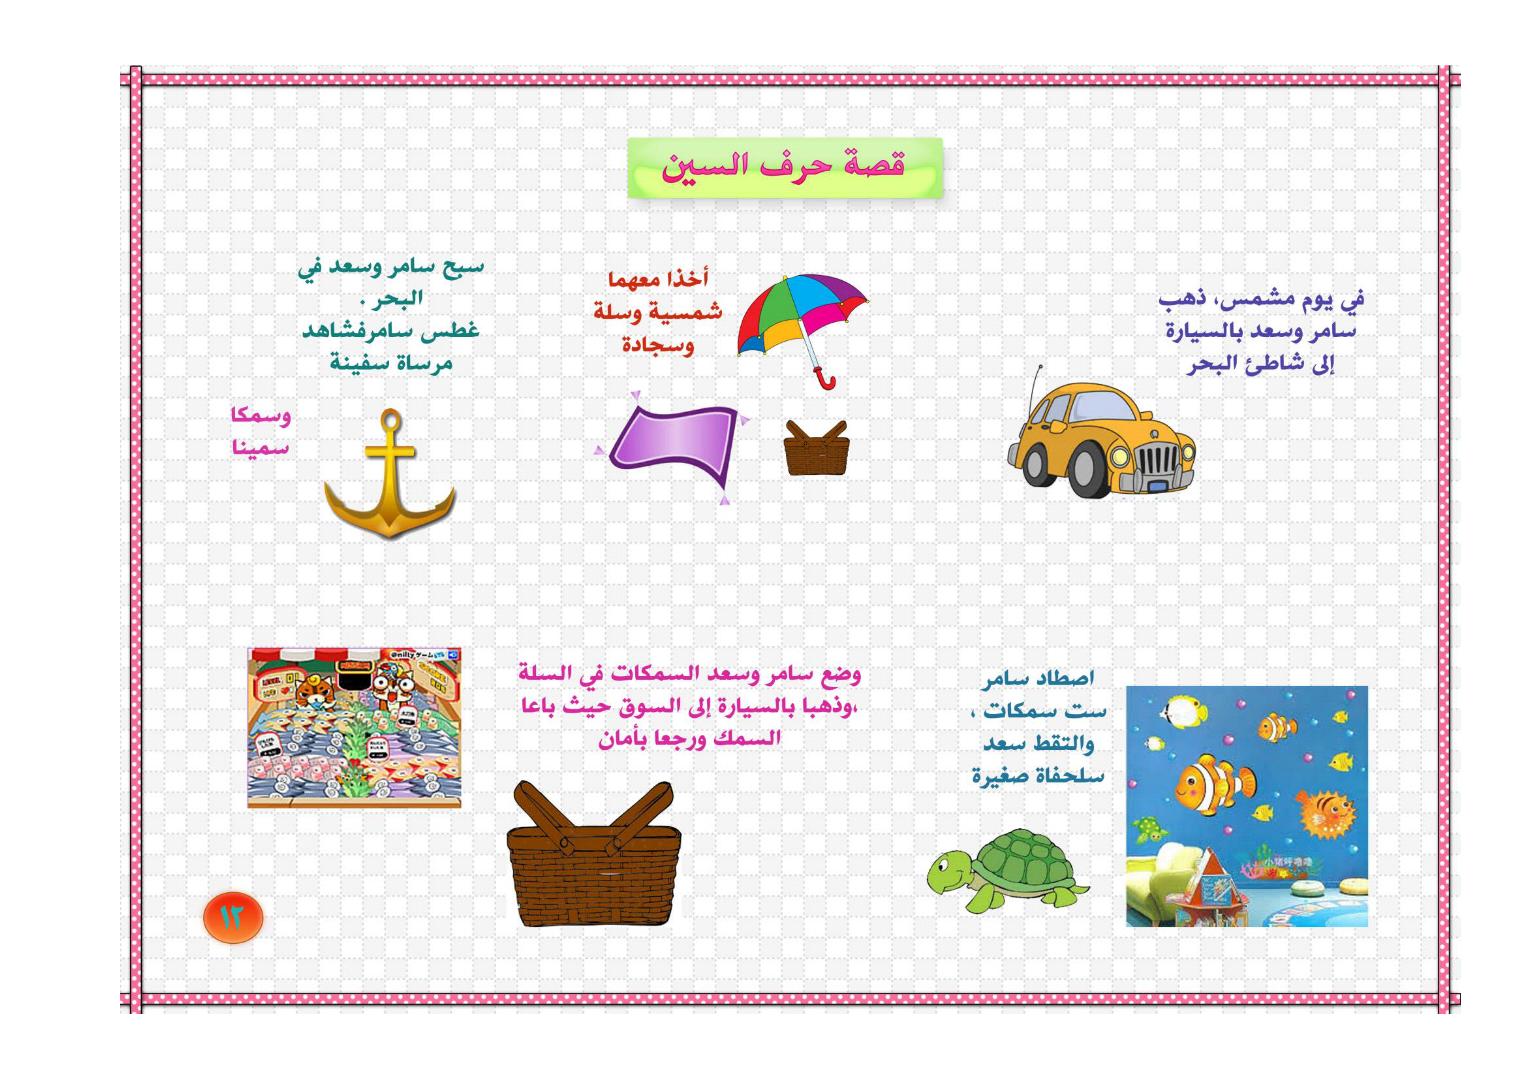 قصة حرف السين الصف الأول الفصل الدراسي الأول مدونة تعلم Learn Arabic Alphabet Learning Arabic Aesthetic Movies